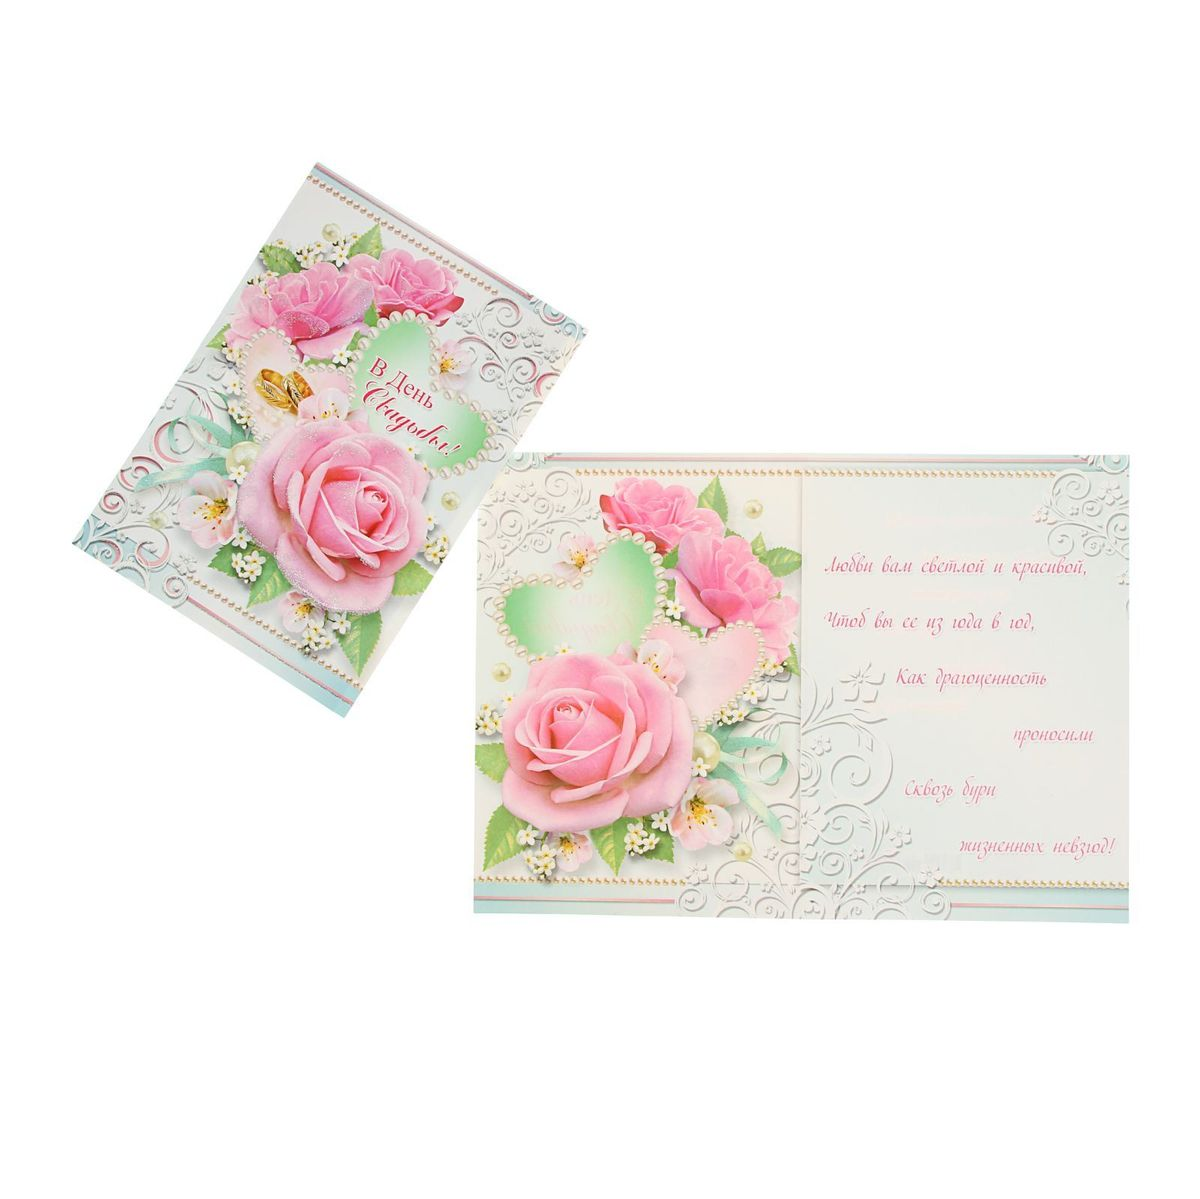 Открытка Sima-land В день свадьбы! РозыБрелок для ключейЕсли вы хотите порадовать себя или близких, создать праздничное настроение и с улыбкой провести памятный день, то вы, несомненно, сделали правильный выбор! Открытка Sima-land В день свадьбы! Розы, выполненная из плотной бумаги, отличается не только оригинальным дизайном, но и высоким качеством.Лицевая сторона изделия оформлена ярким изображением. Внутри открытка содержит текст с поздравлением.Такая открытка непременно порадует получателя и станет отличным напоминанием о проведенном вместе времени. Формат открытки: А4.Плотность: 250 г/м2.